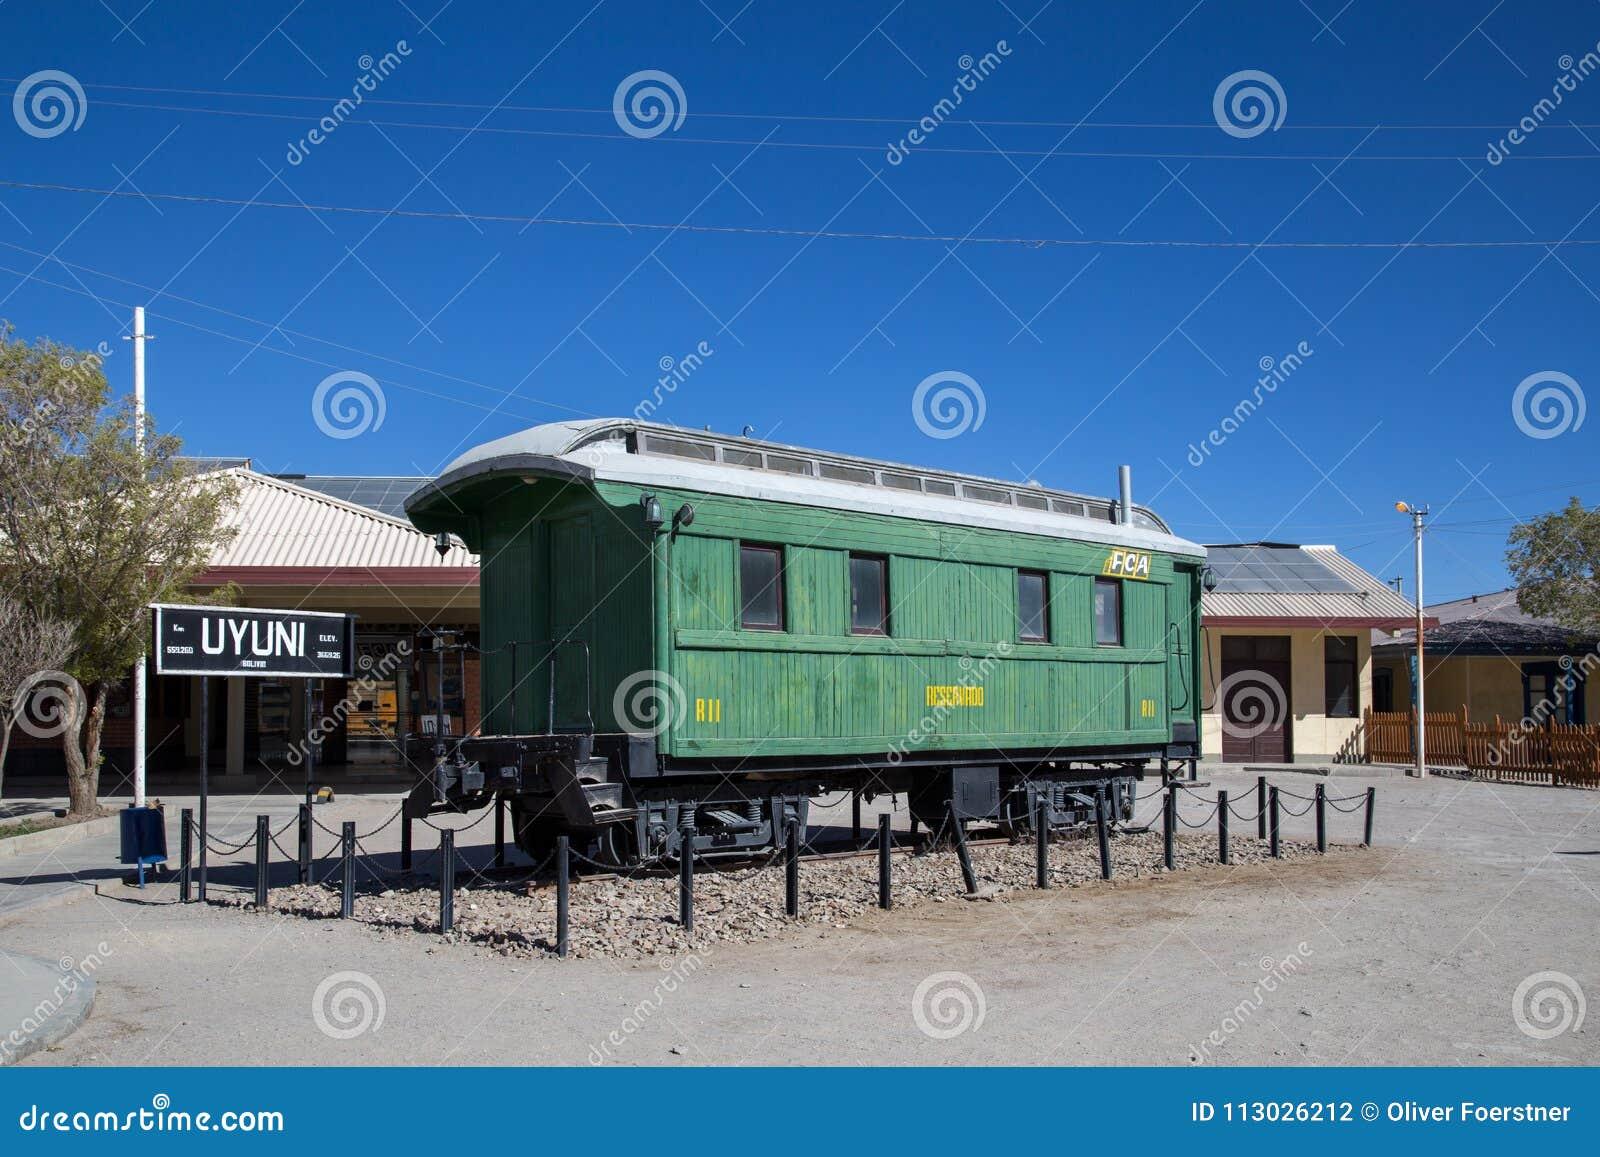 Vagão na frente do estação de caminhos-de-ferro de Uyuni